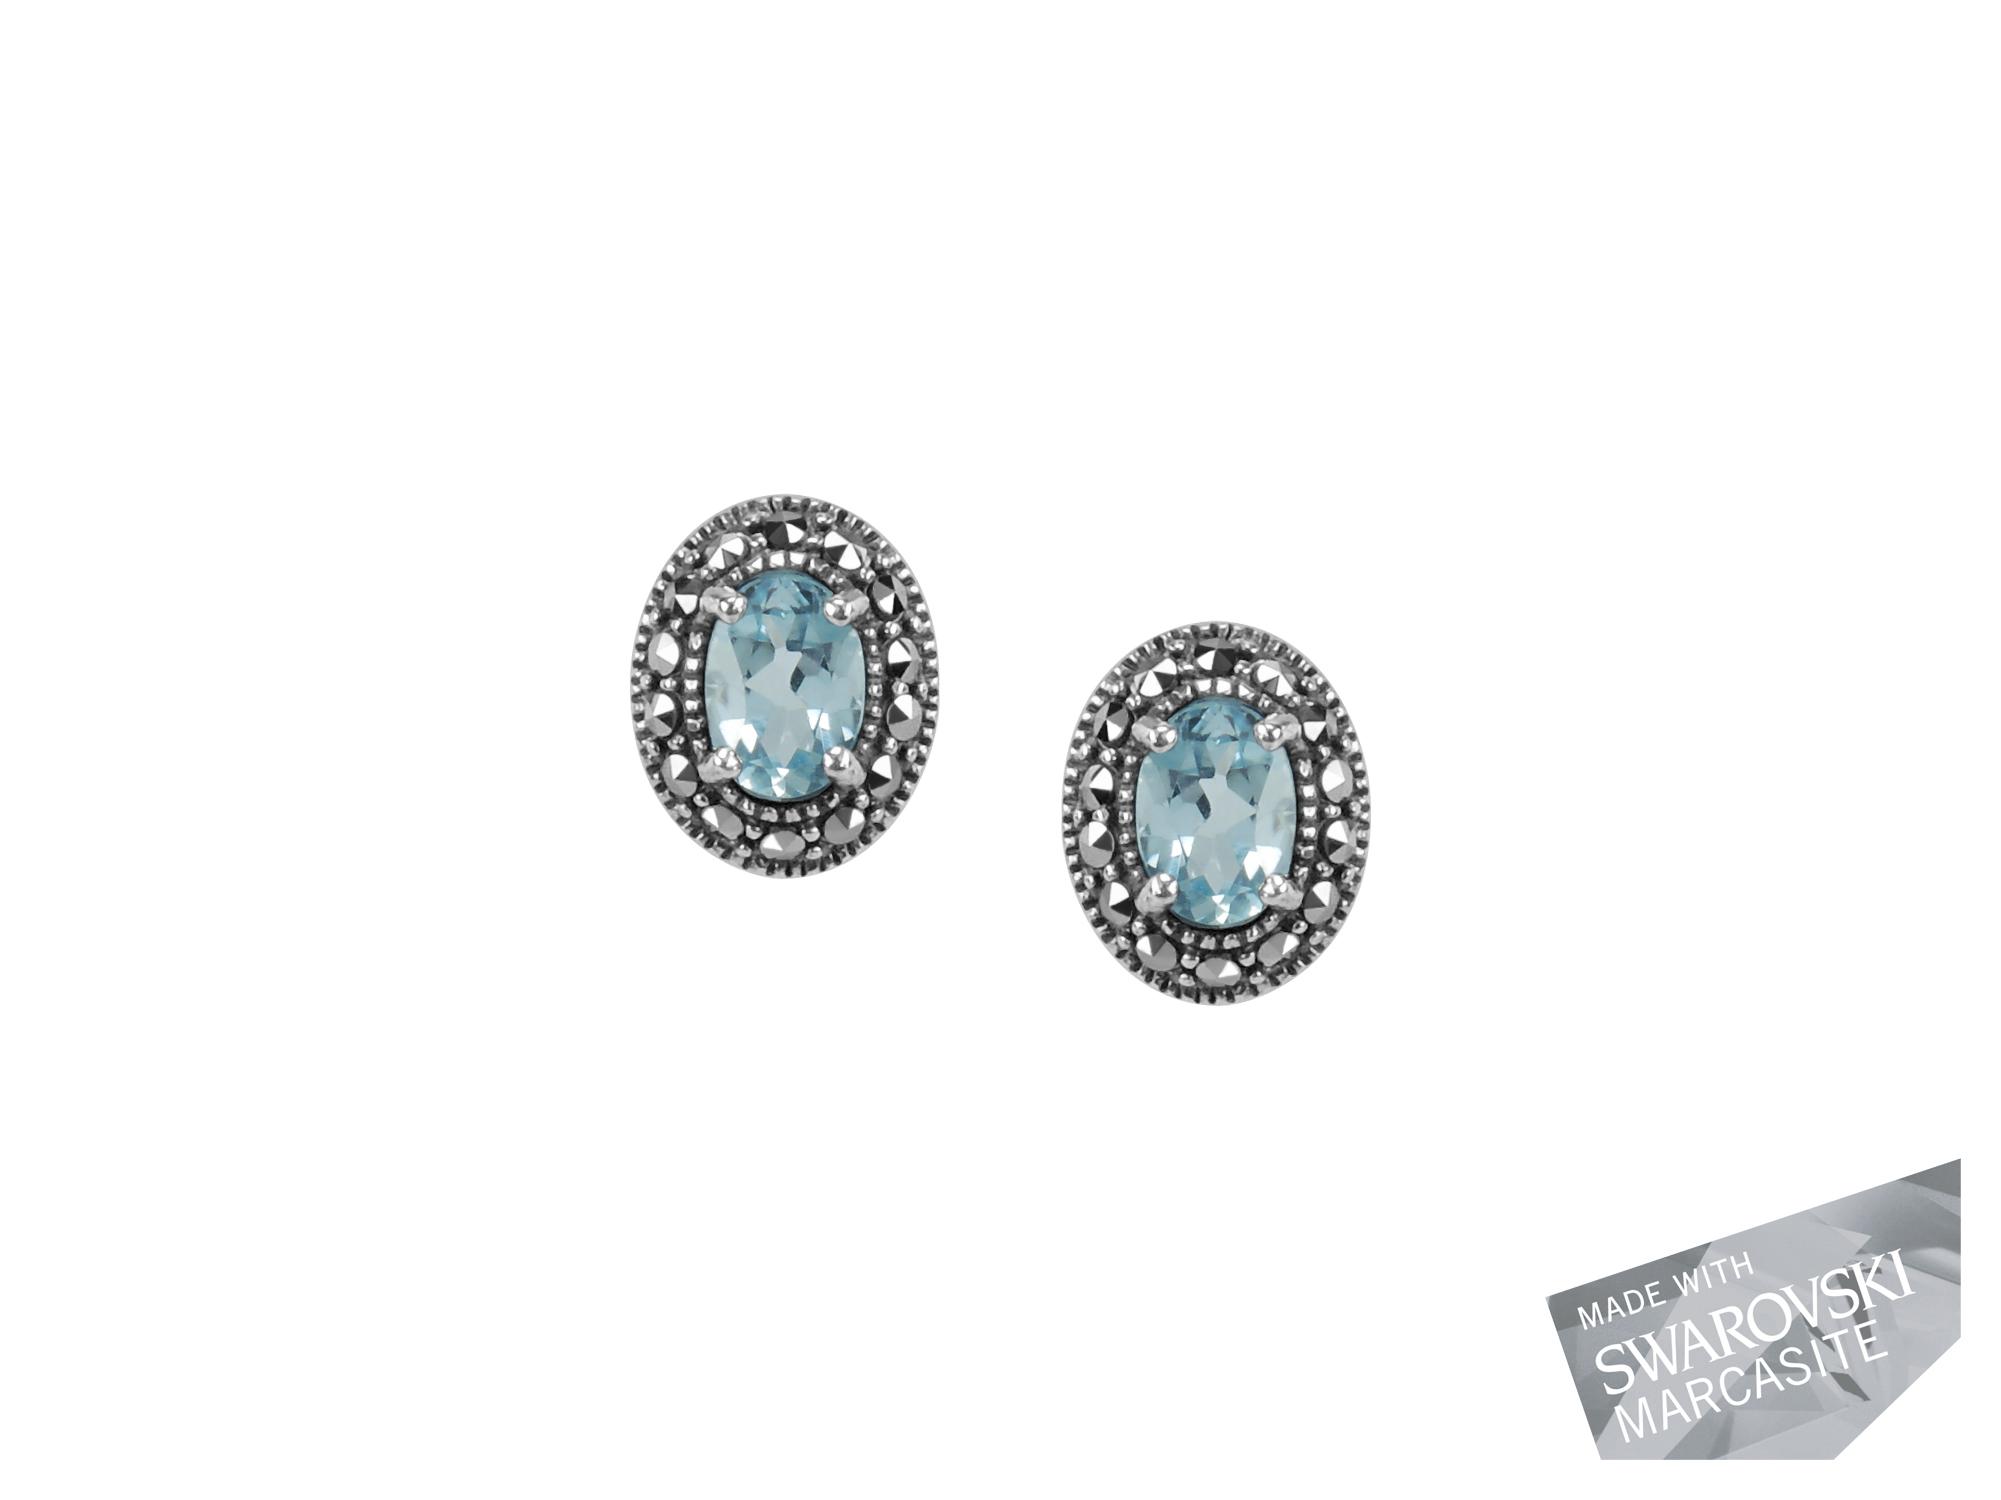 Blue Topaz Stud Earrings MJ18958